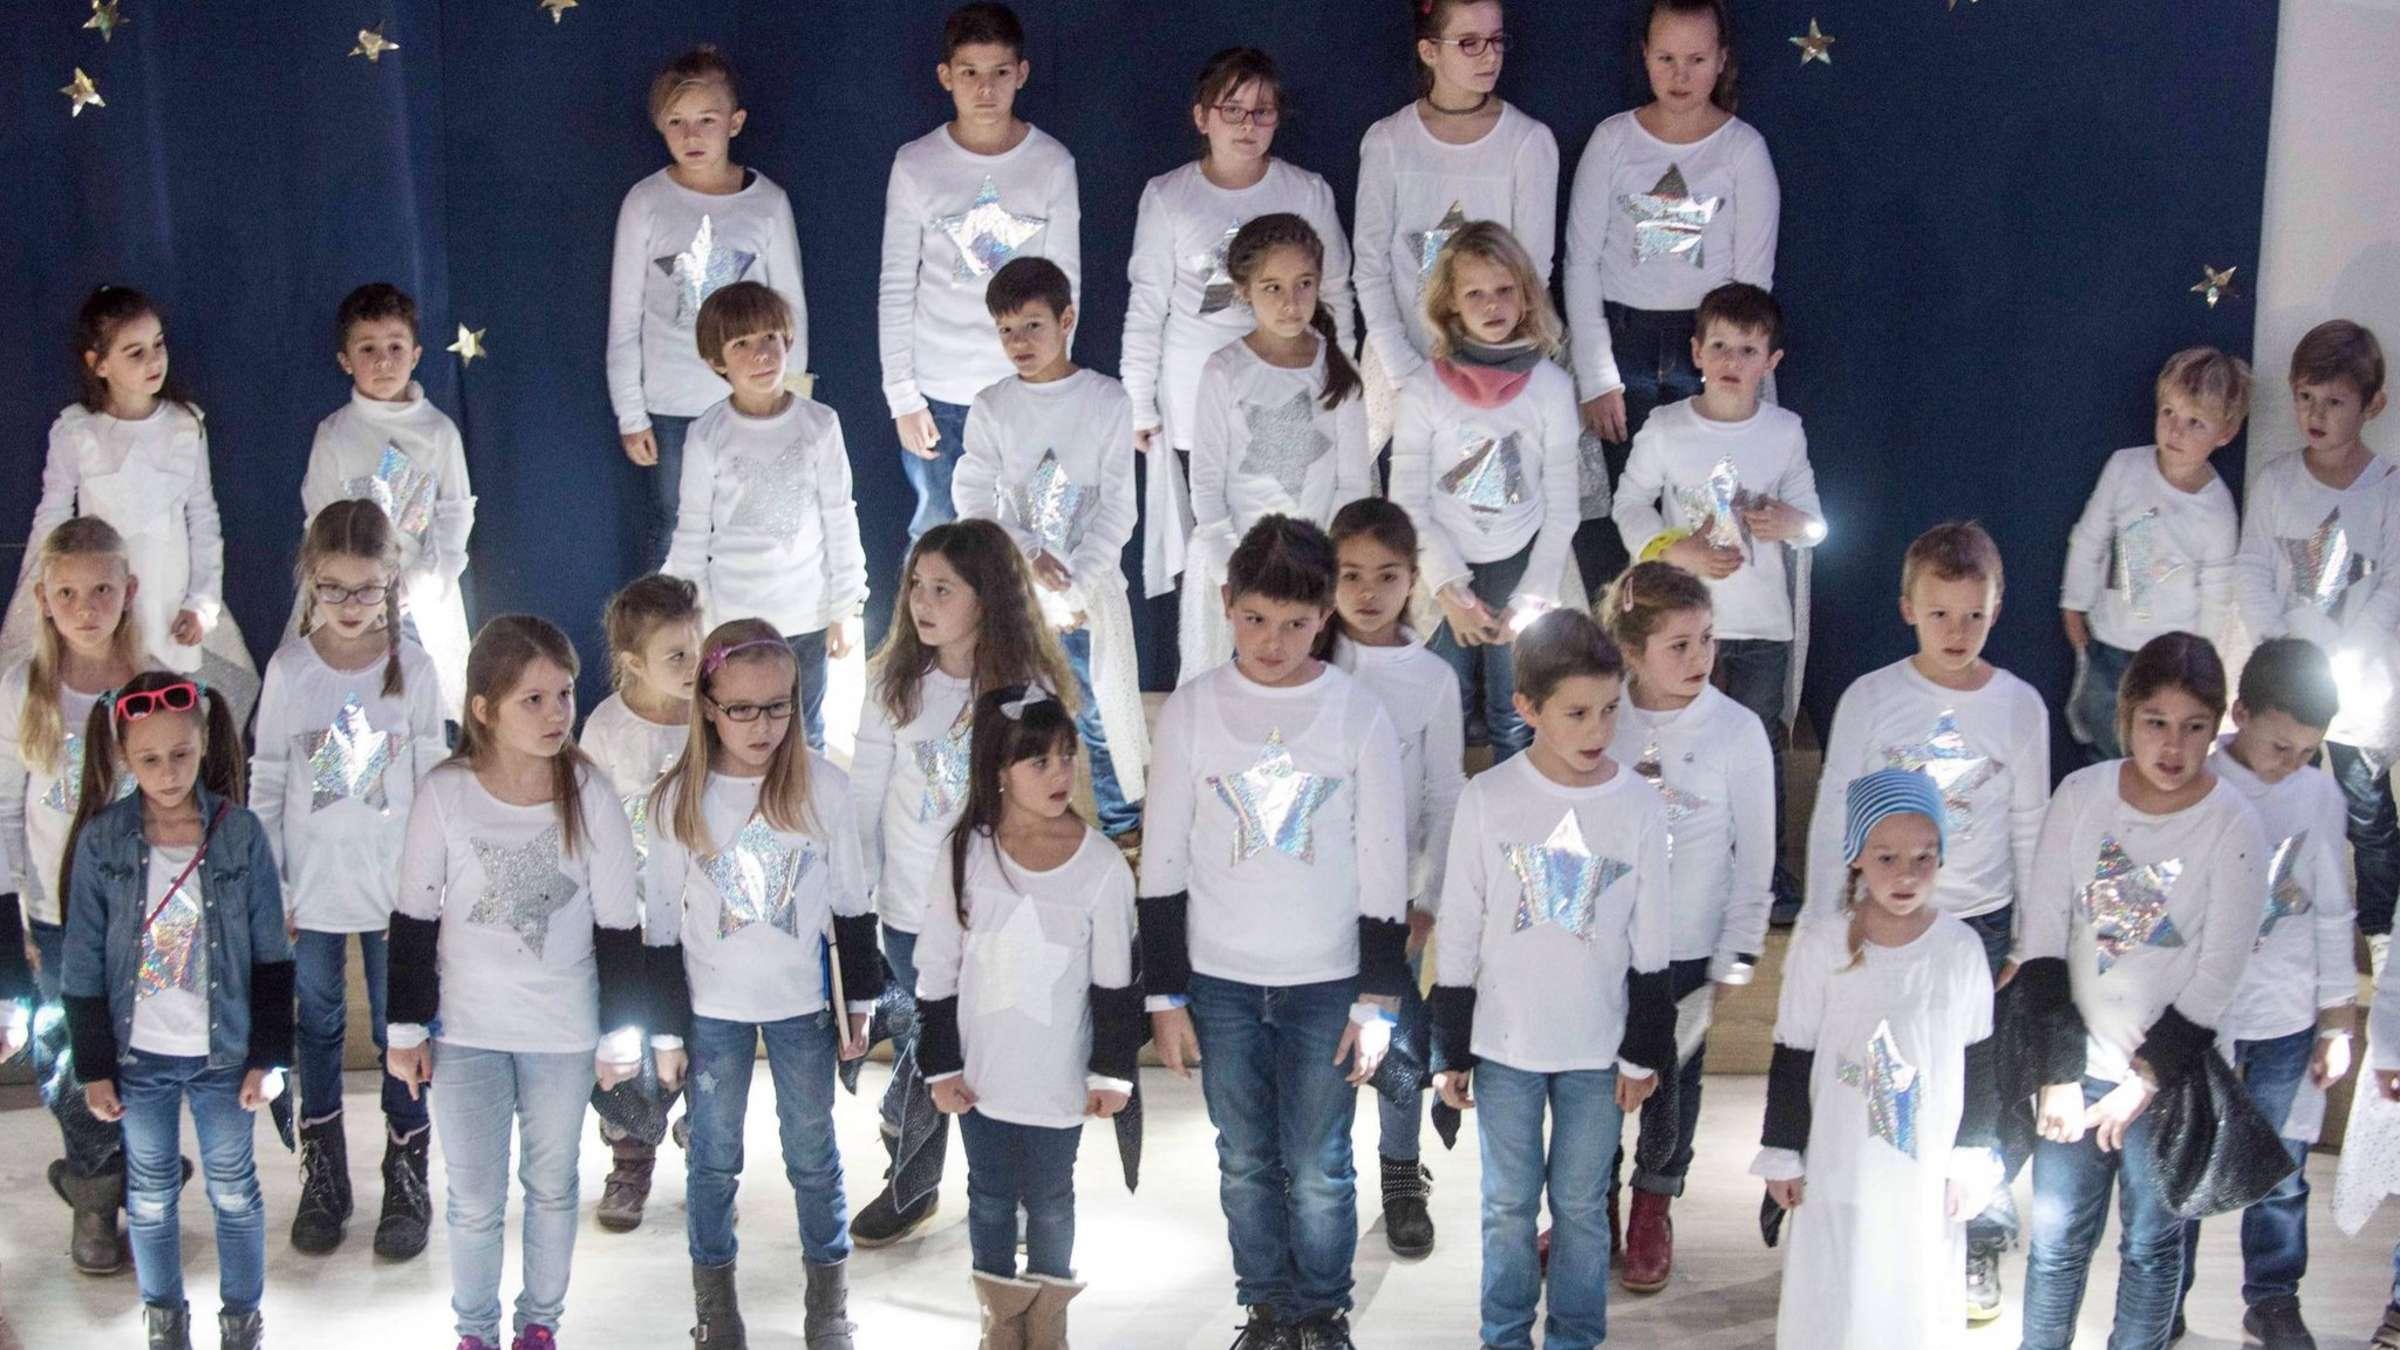 Sternstunde in Bethlehem ein Weihnachtsmusical für die